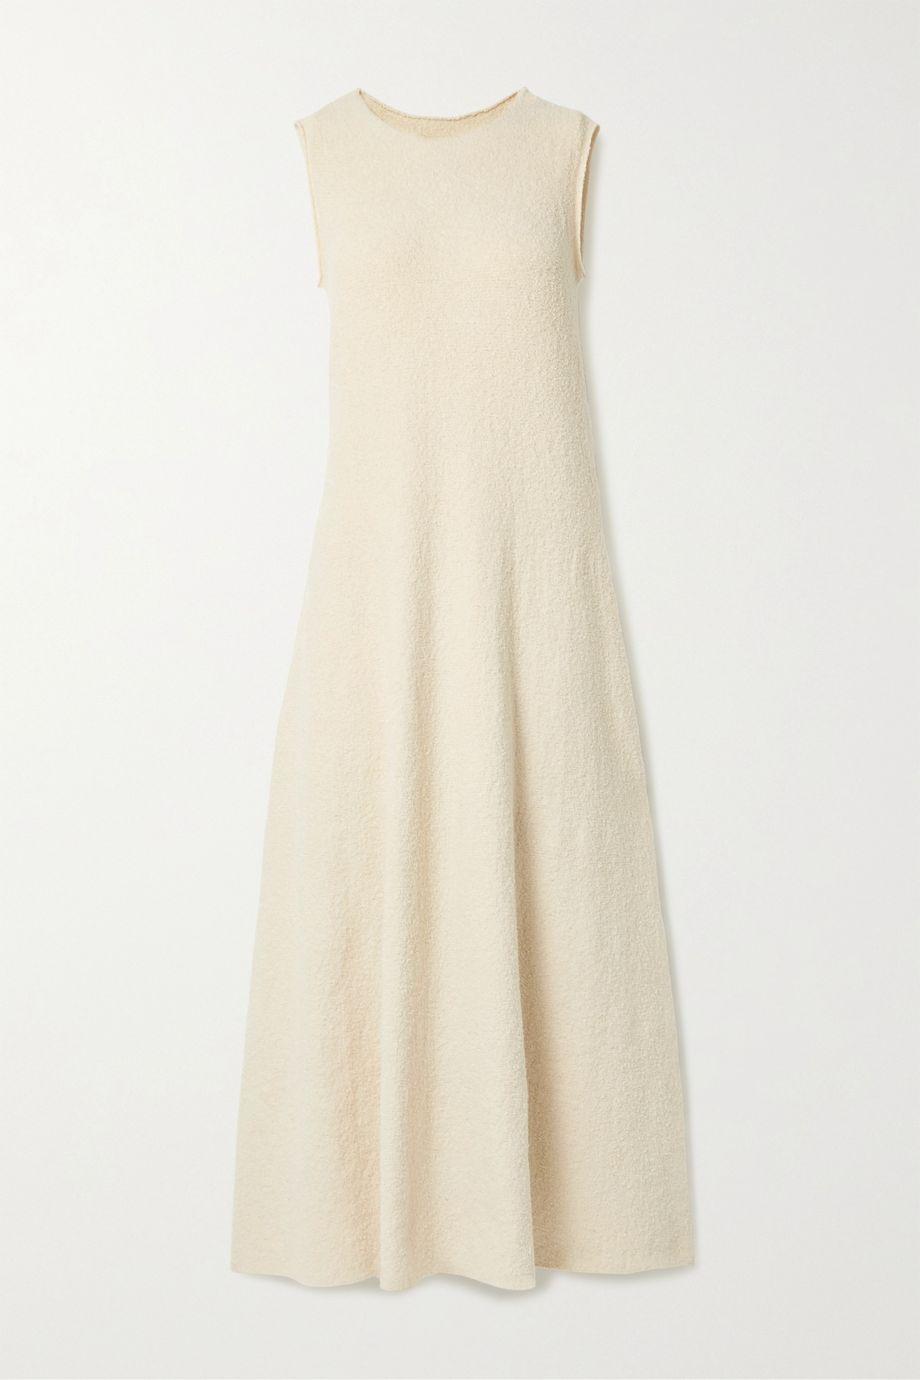 Lauren Manoogian Shell Pima cotton-blend dress